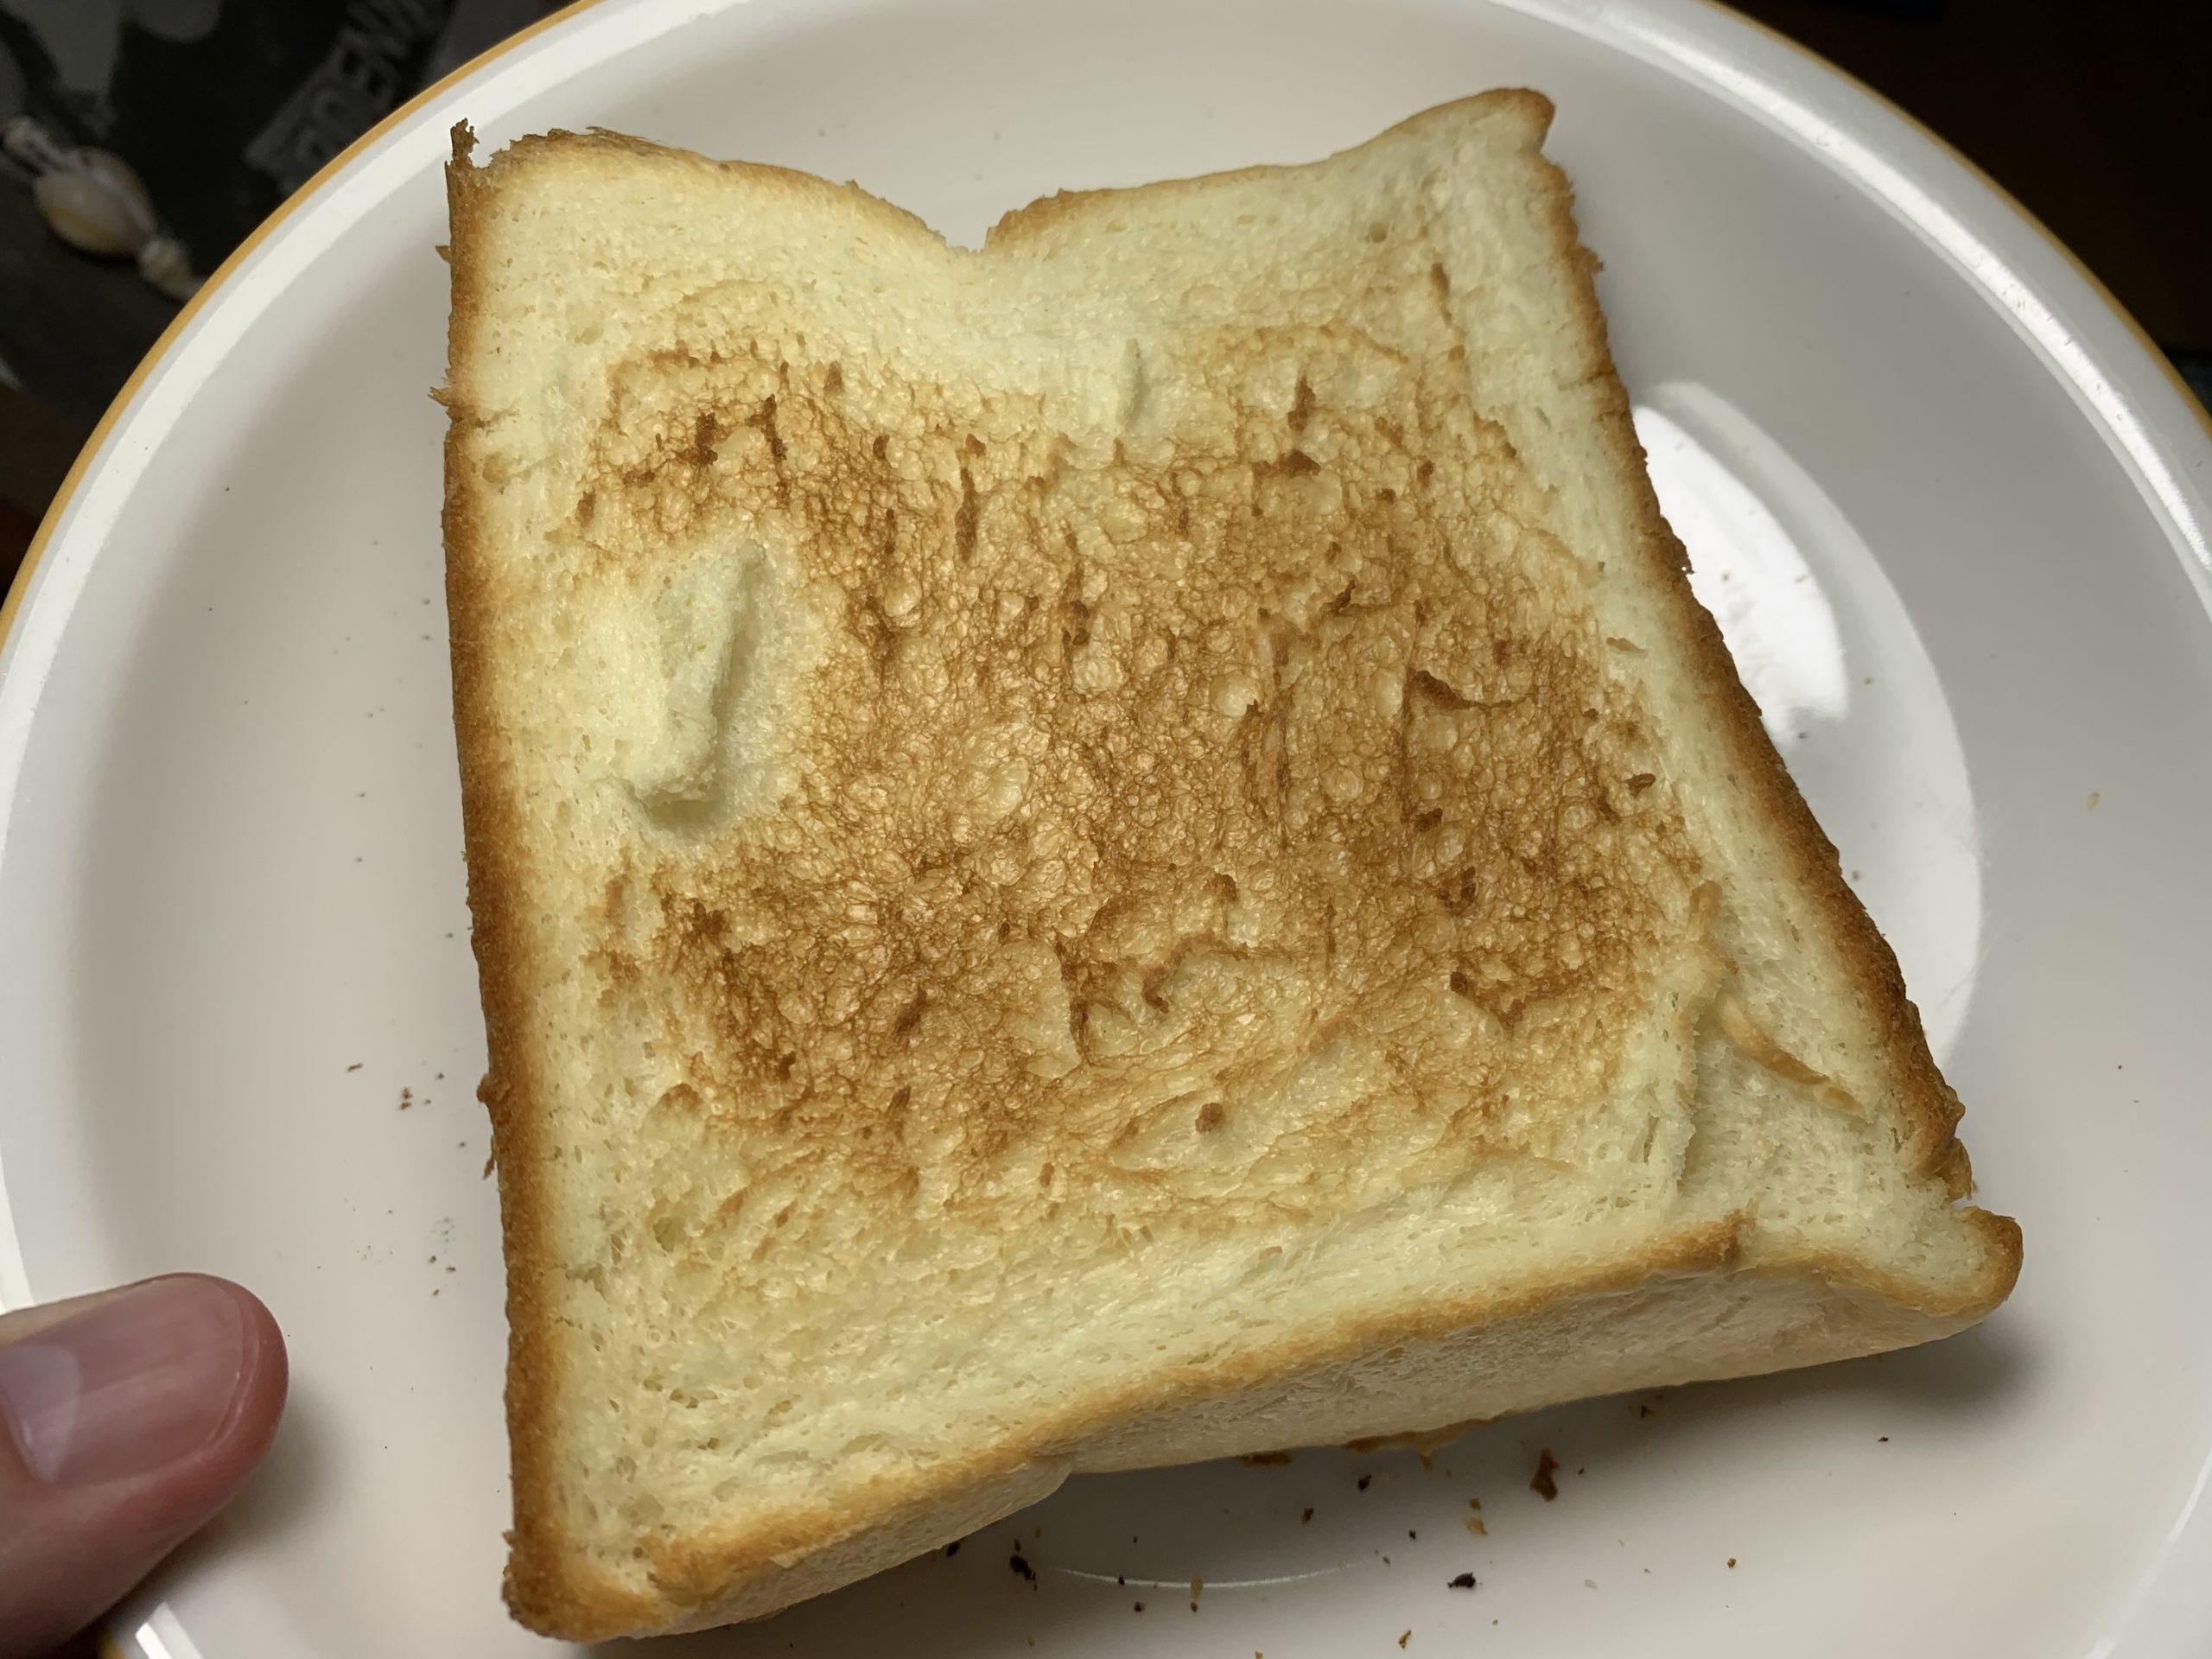 HAREPANの焼いた食パンの写真